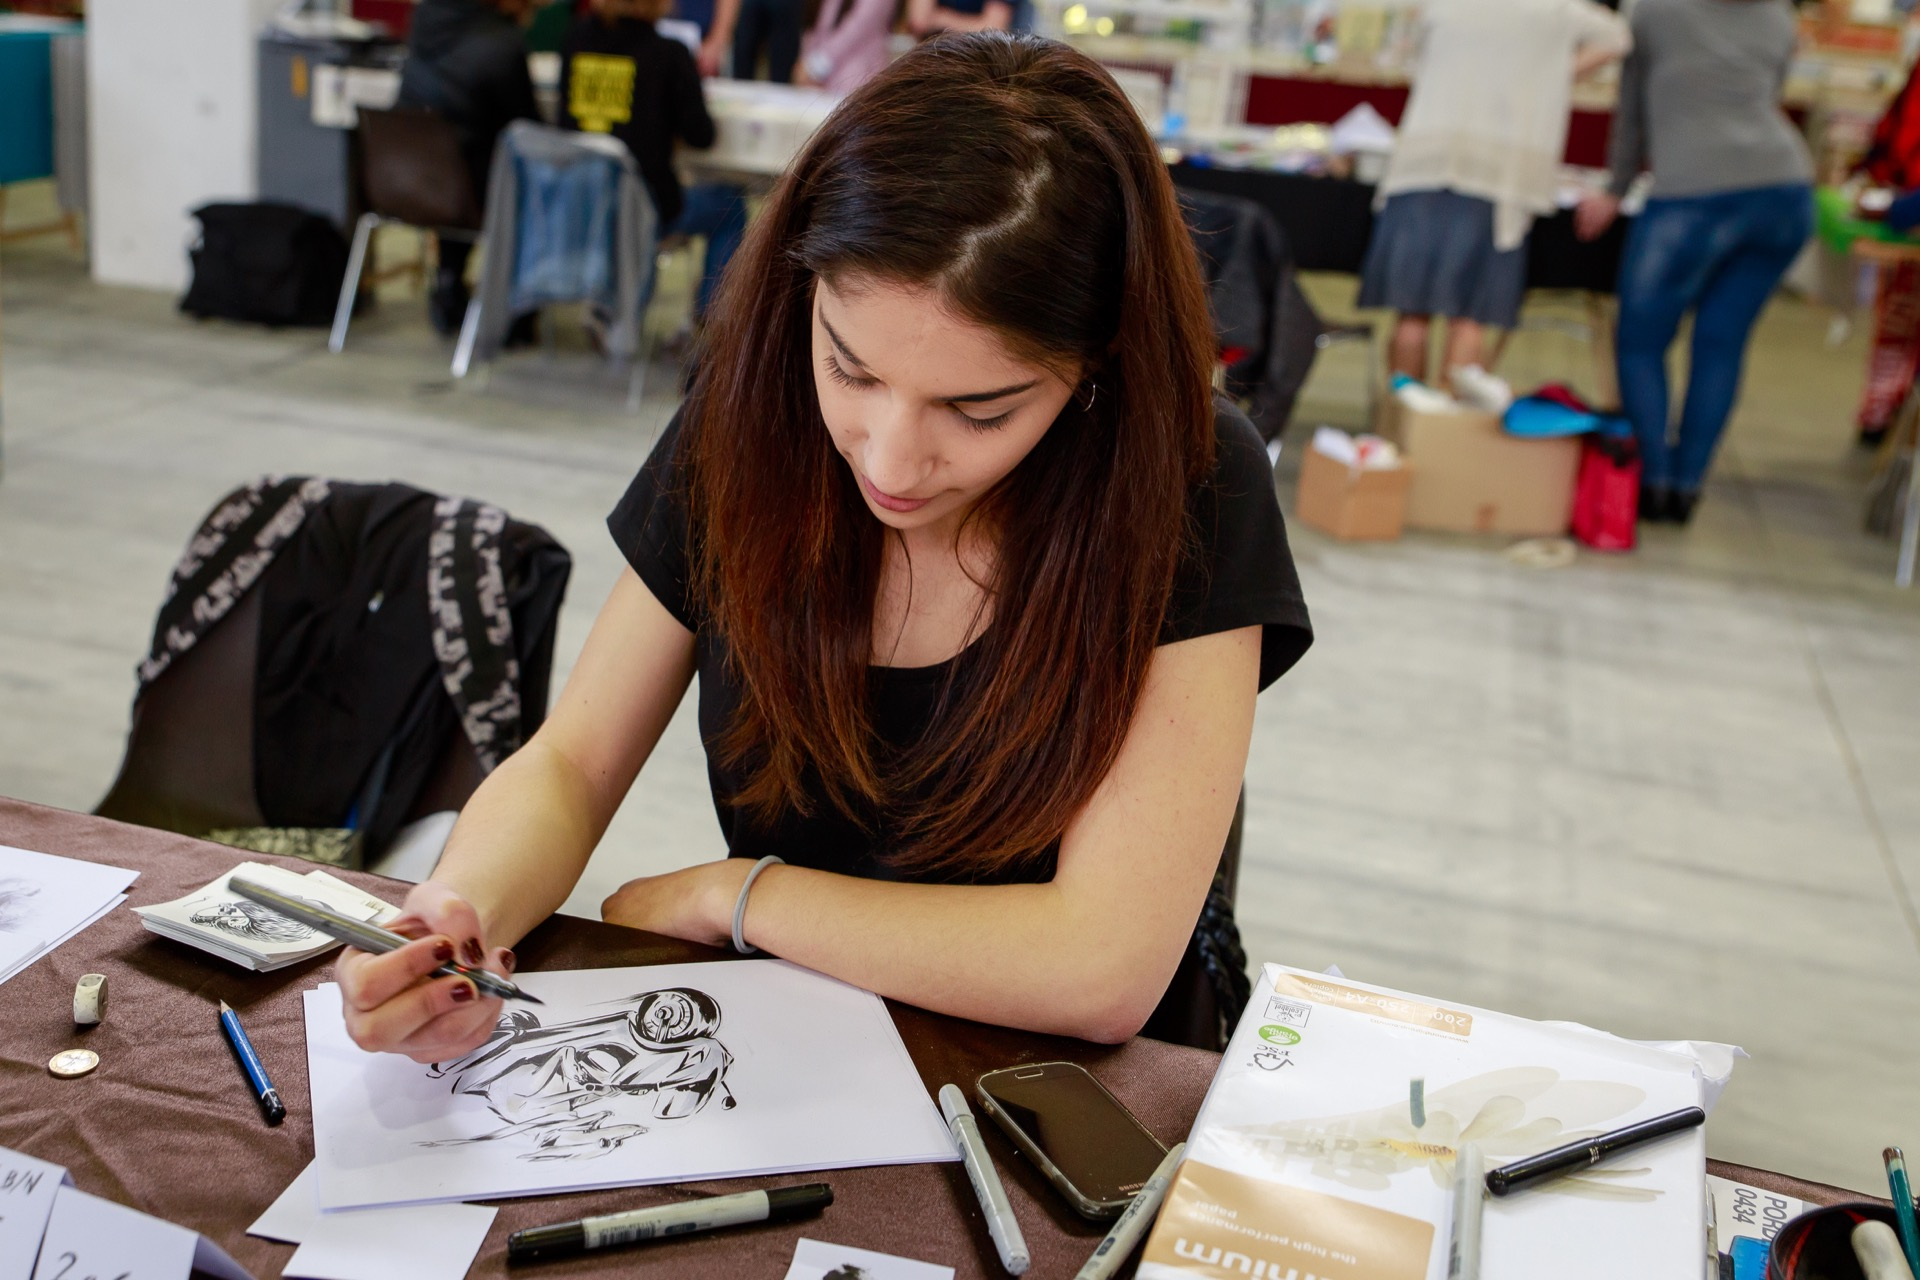 Cos naoniscon pordenone games comics club innercircle for Disegnatori famosi